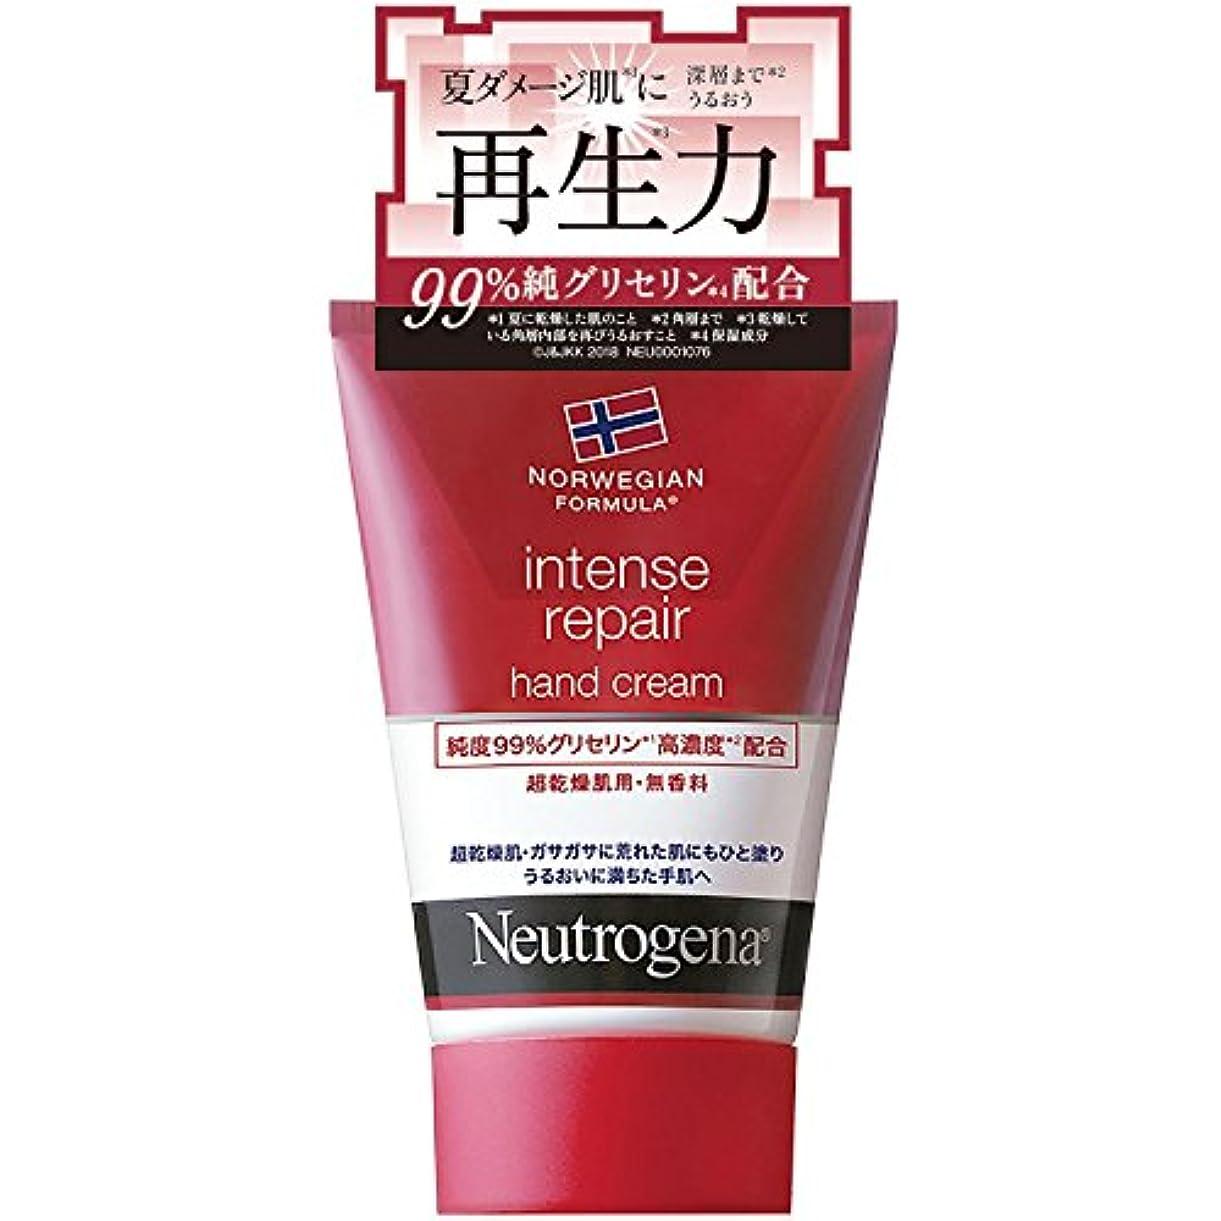 カテナ想像力豊かなあえてNeutrogena(ニュートロジーナ) ノルウェーフォーミュラ インテンスリペア ハンドクリーム 超乾燥肌用 無香料 単品 50g